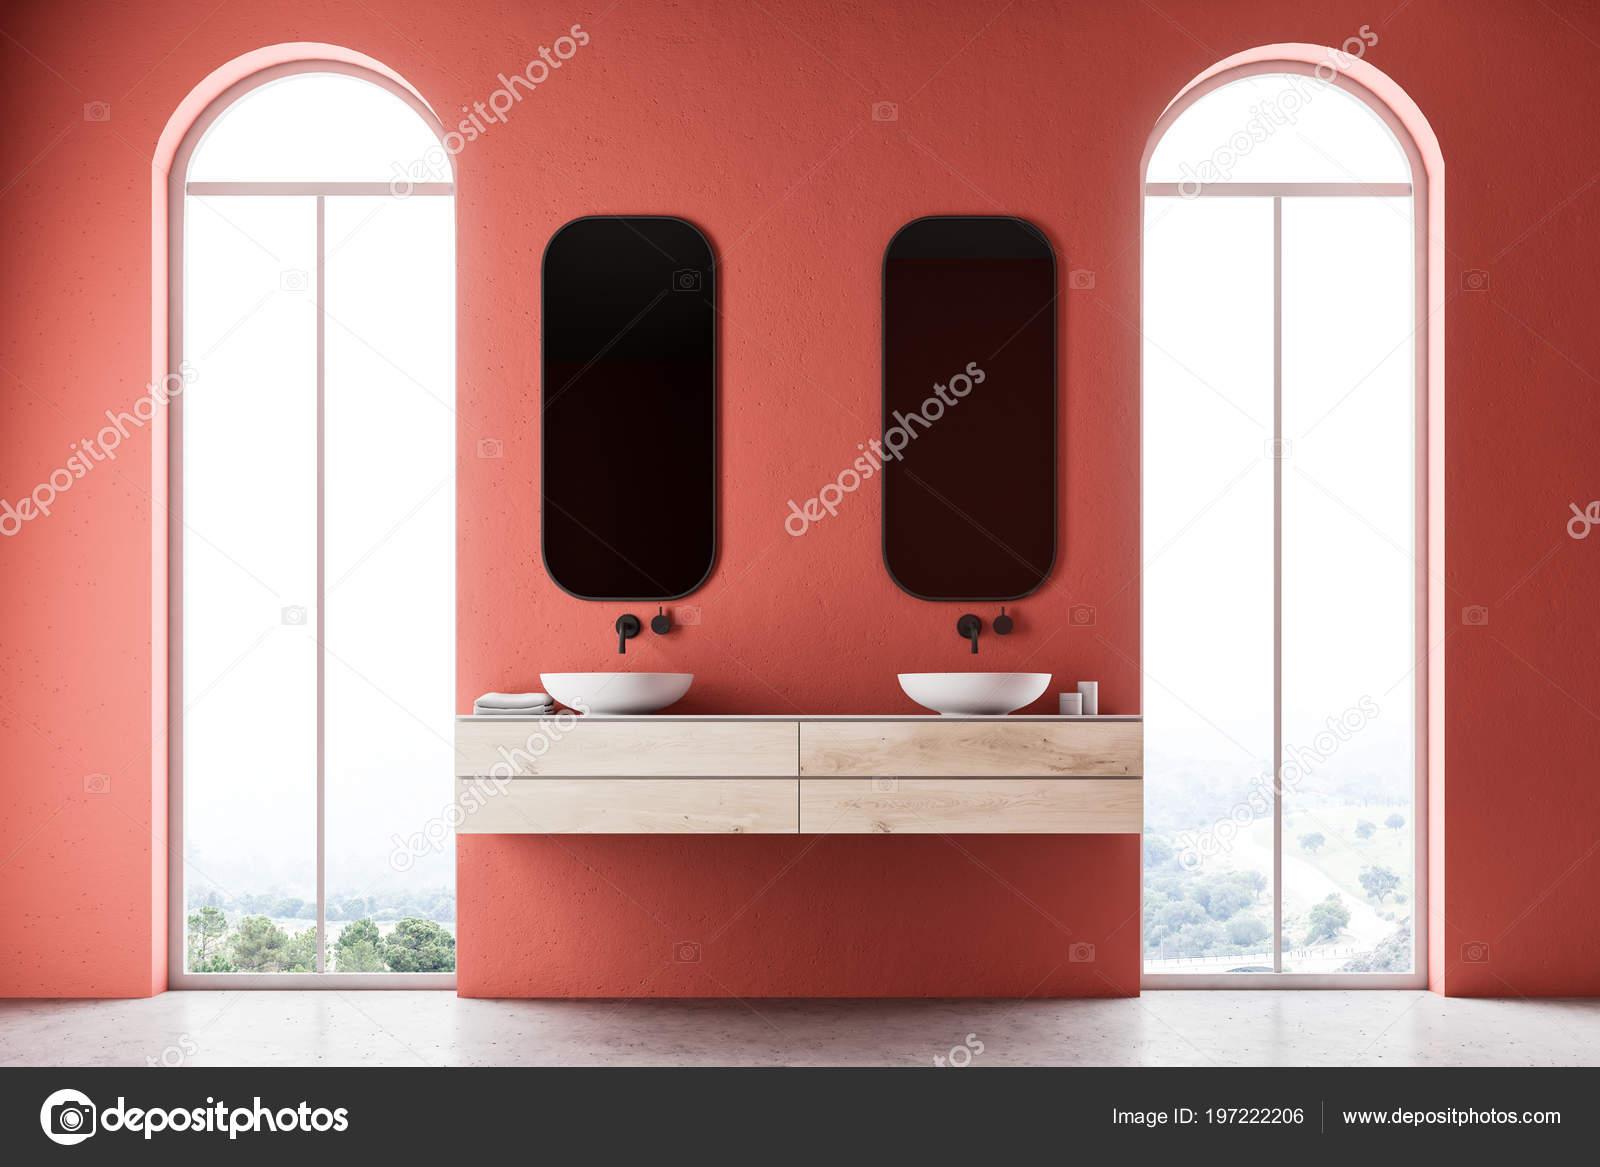 Minimalistische rode badkamer interieur met een dubbele wastafel met